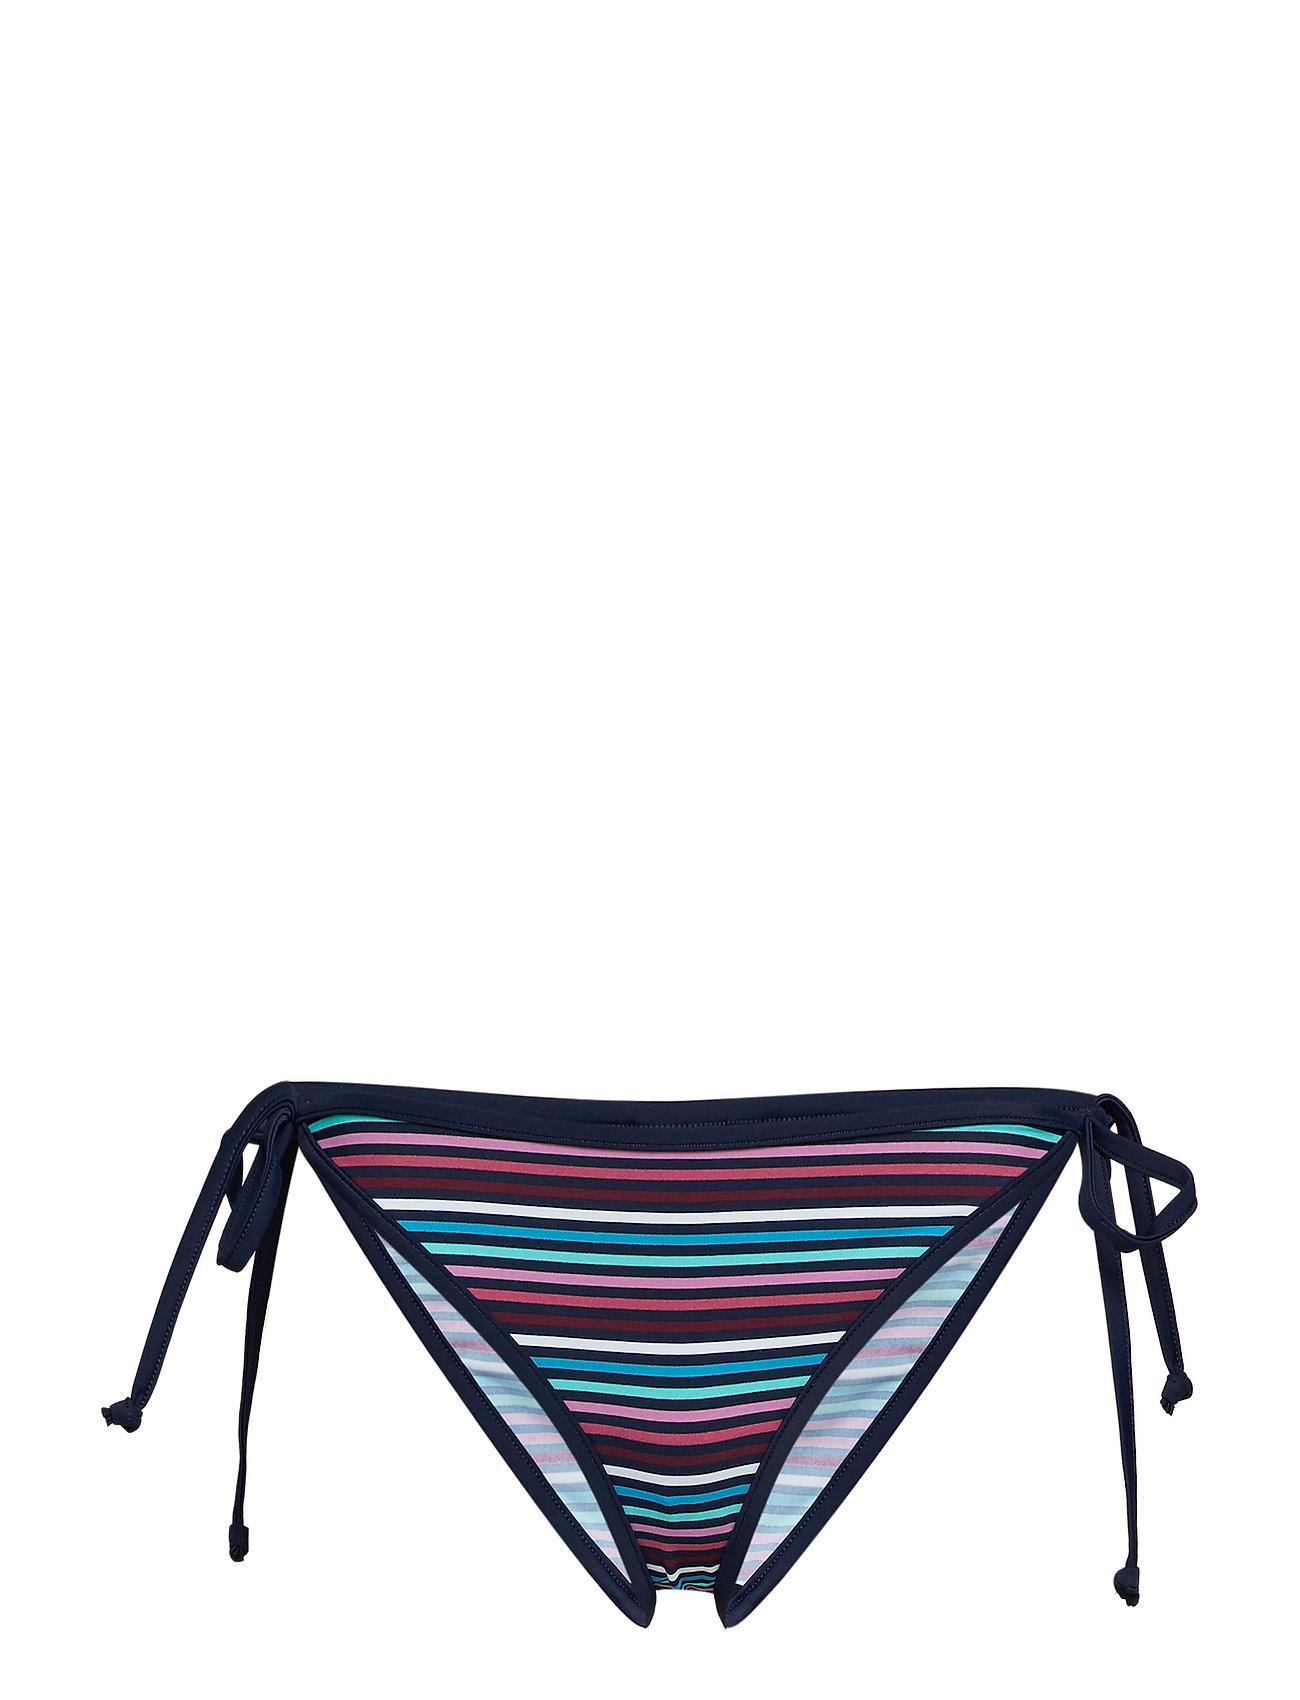 5ce35818bde Hjem Dame Bikini trusser Hmltilte Swim Tanga Bikinitrusser Blå HUMMEL.  Hmltilte Swim Tanga Bikinitrusser Blå HUMMEL